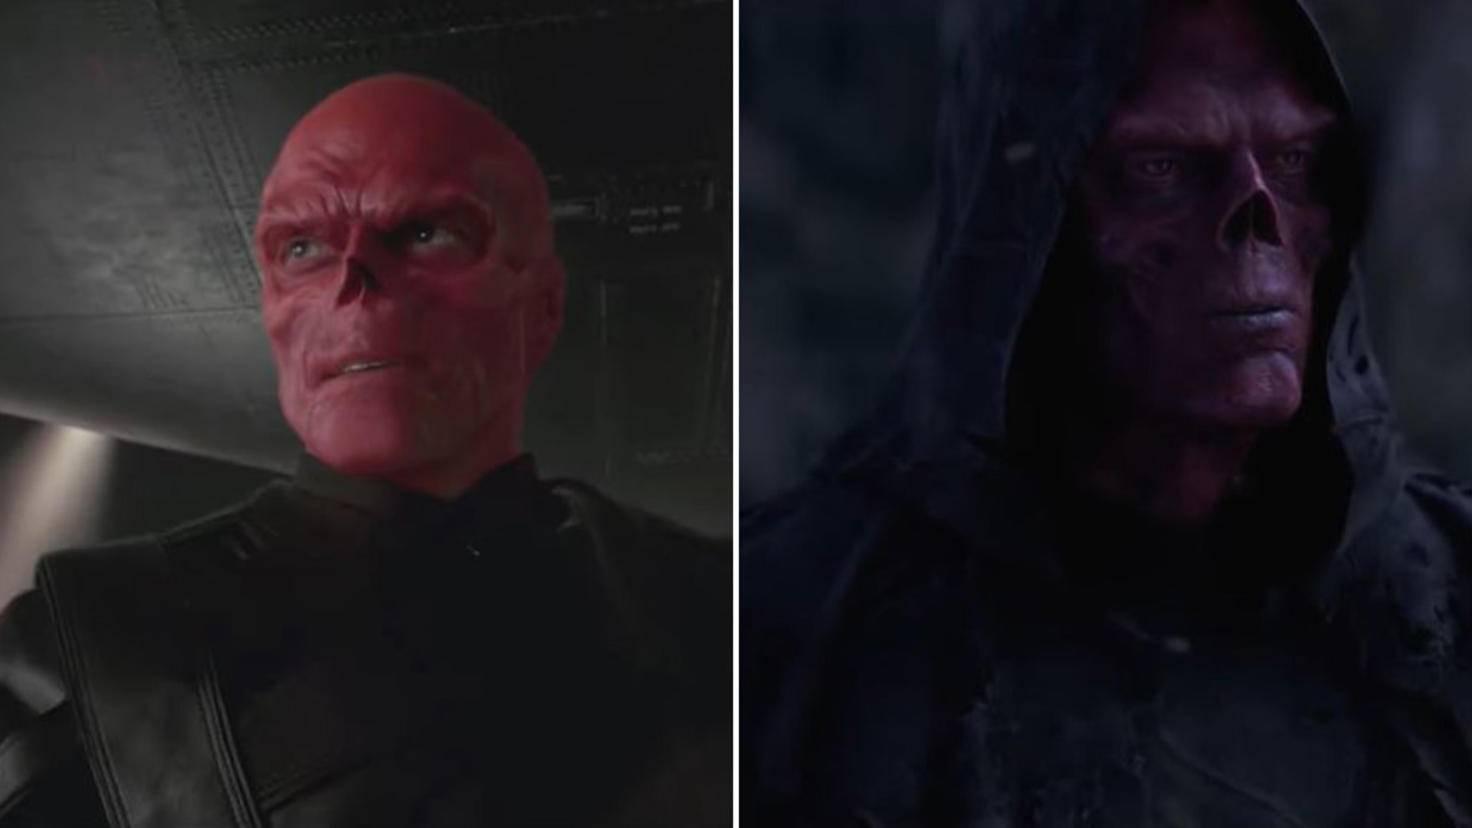 Red Skull Hugo Weaving Ross Marquand